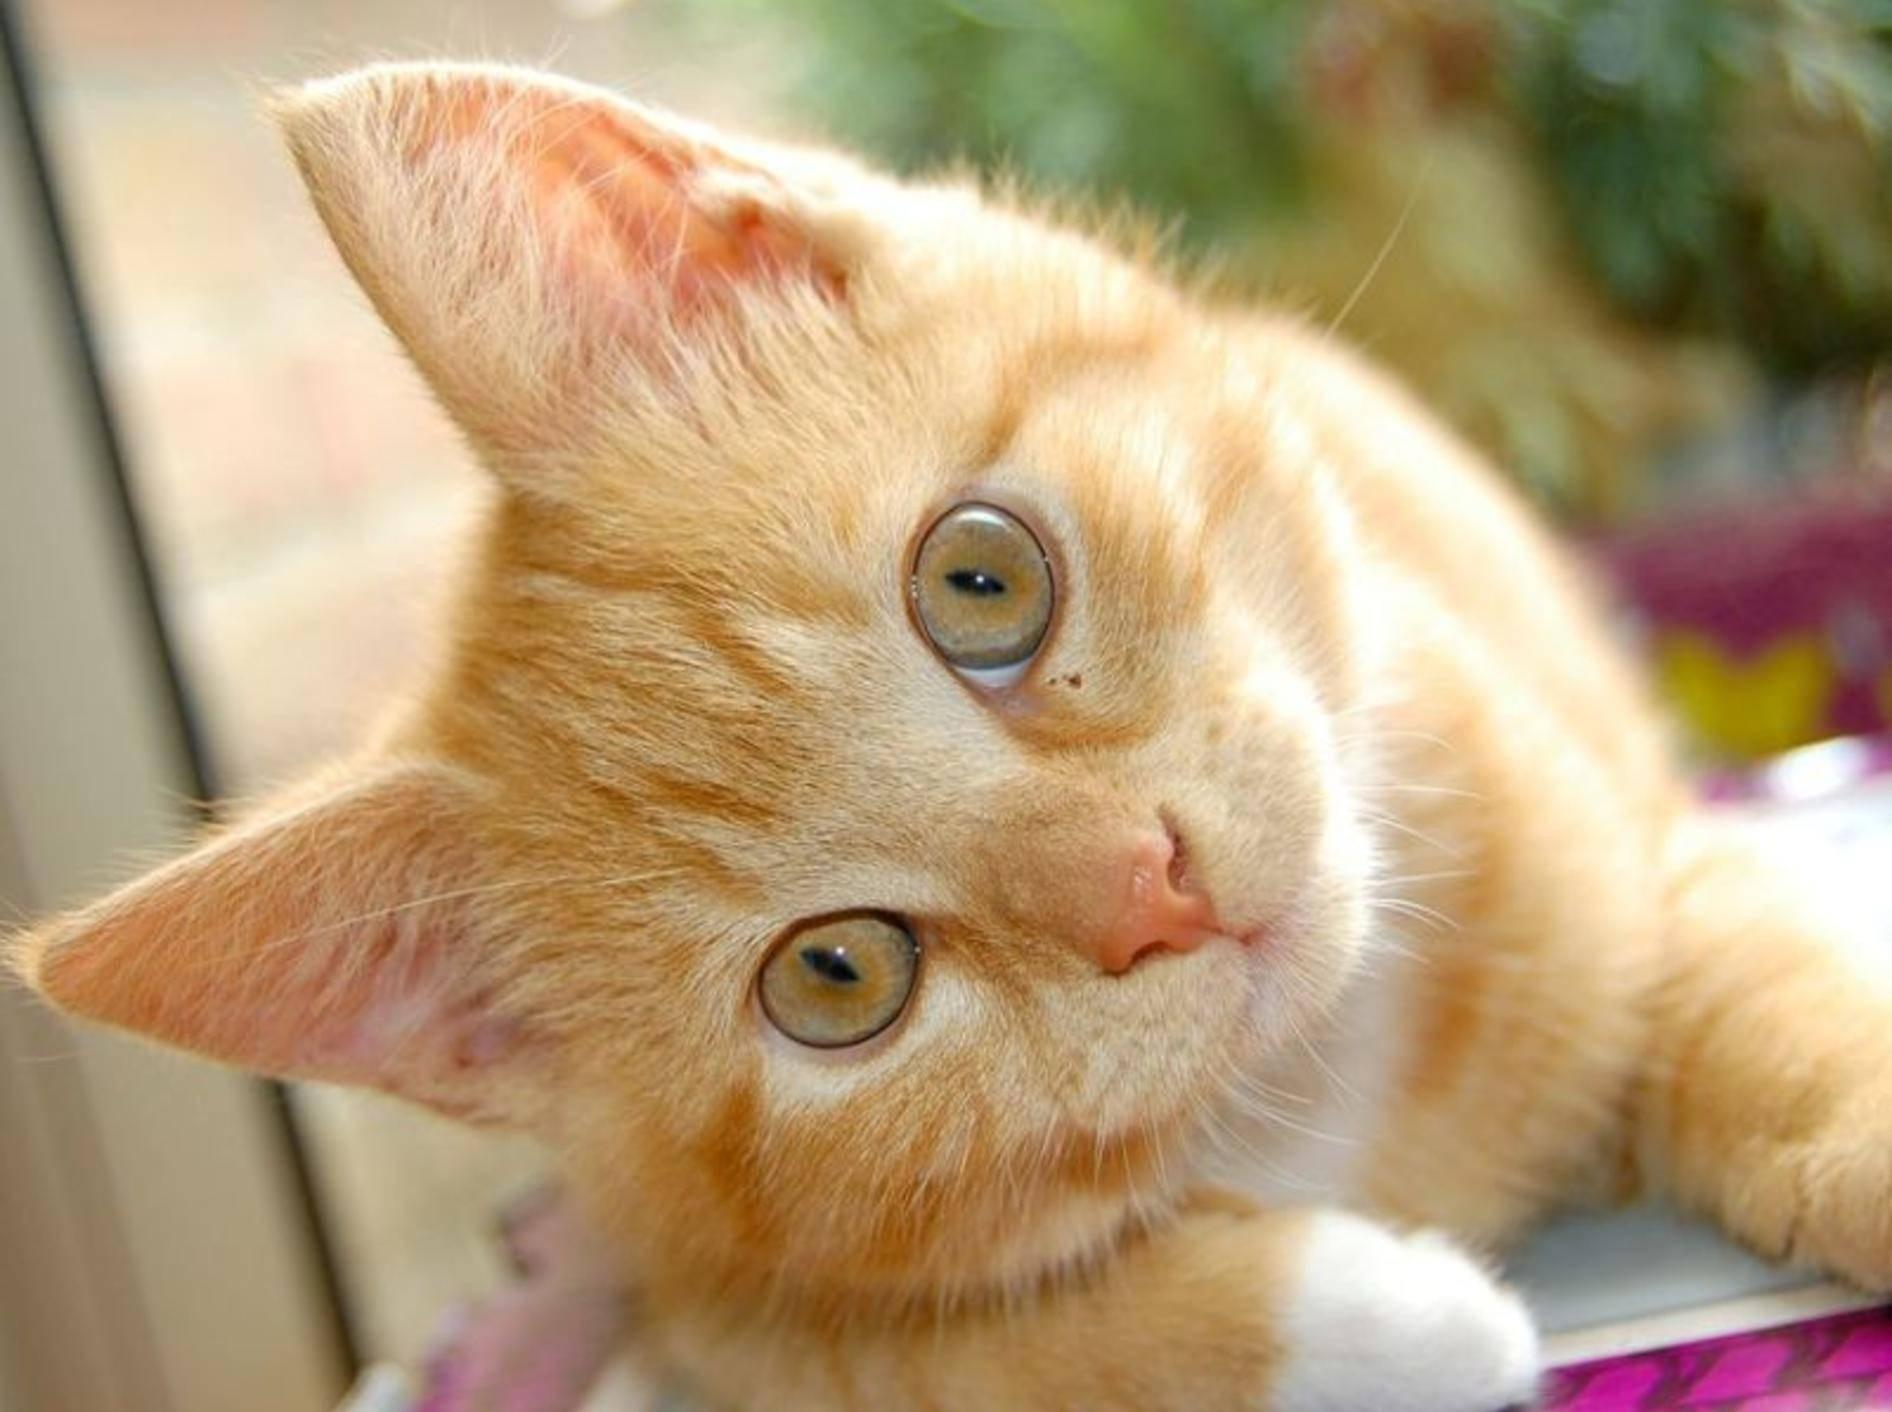 Wer die Körpersprache der Ohren seiner Katze deuten kann, beugt so manchem Missverständnis vor – Bild: Shutterstock / Yutilova Elena